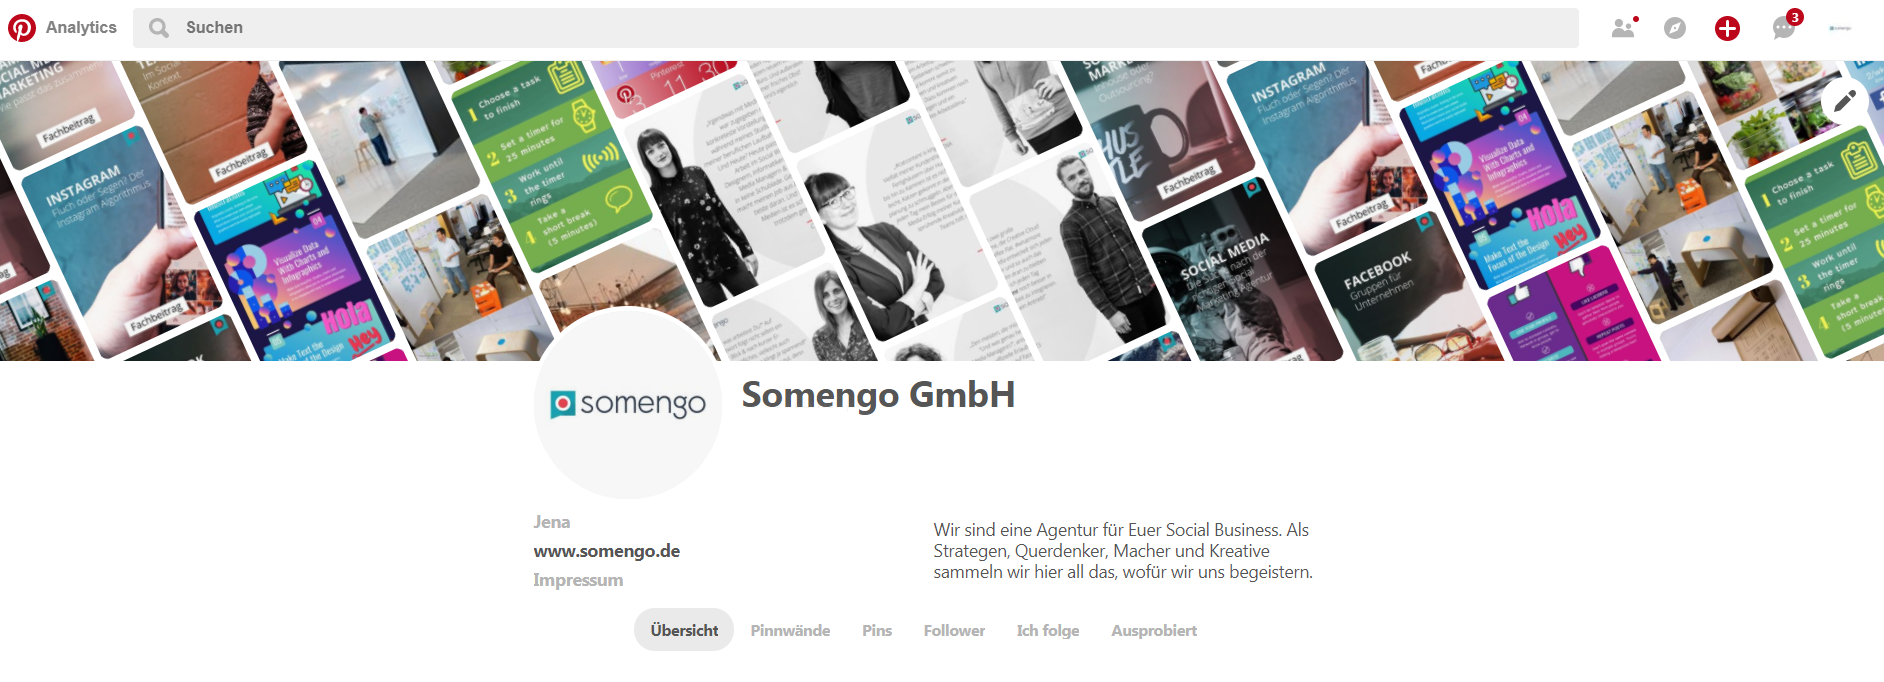 Dynamische_Titelbilder_Pinterest_Design_Somengo